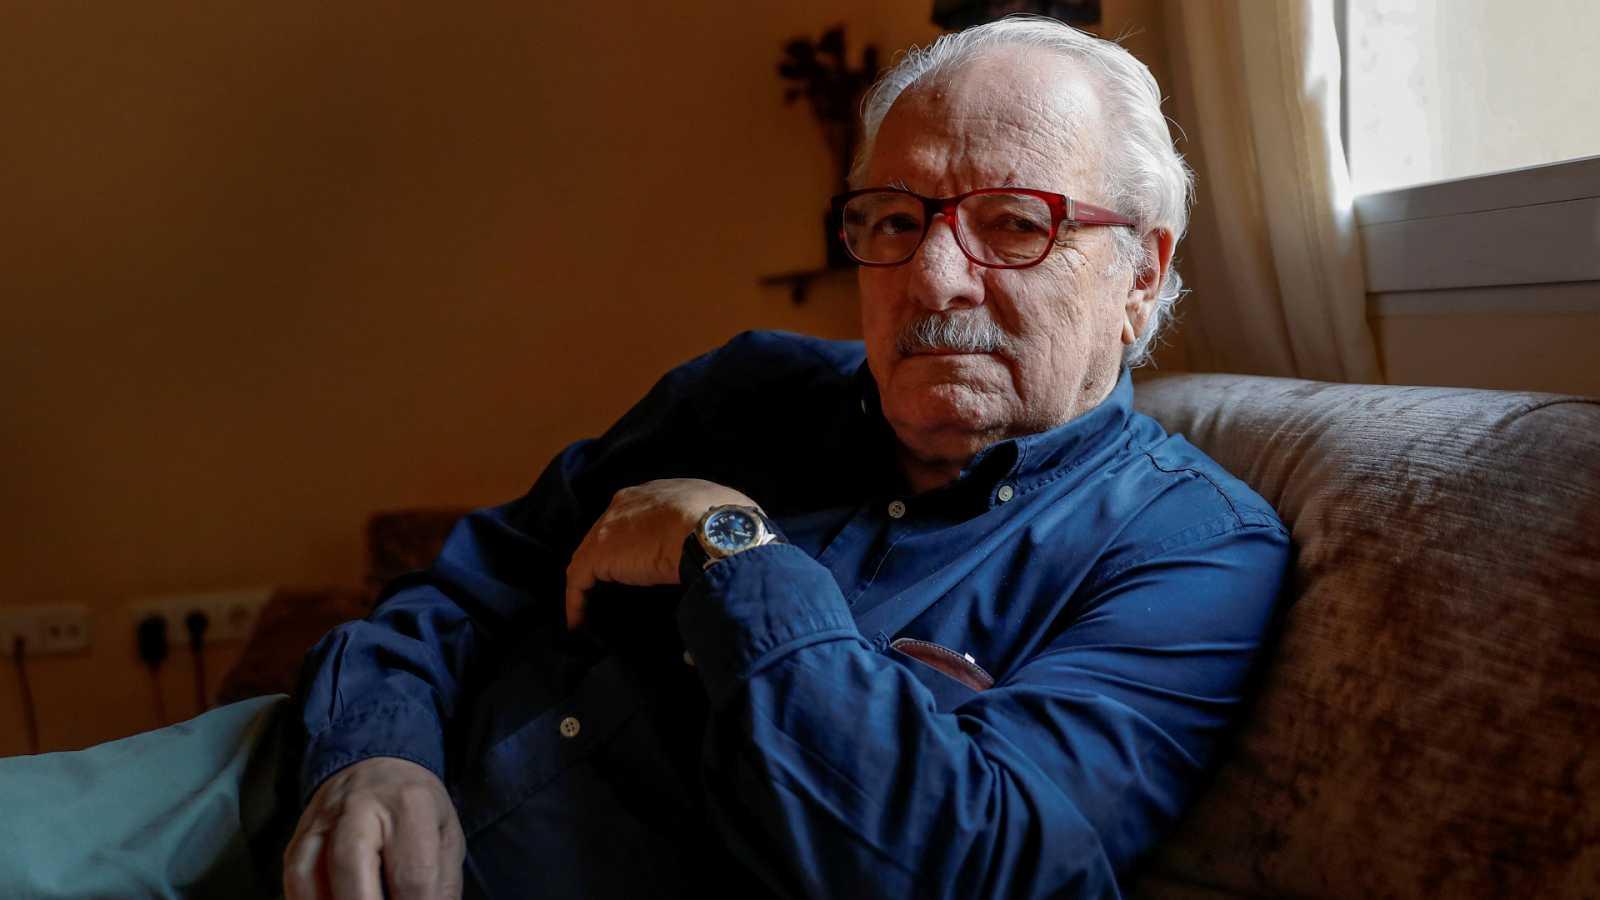 14 horas Fin de Semana - Fallece el escritor Javier Reverte a los 76 años - Escuchar ahora